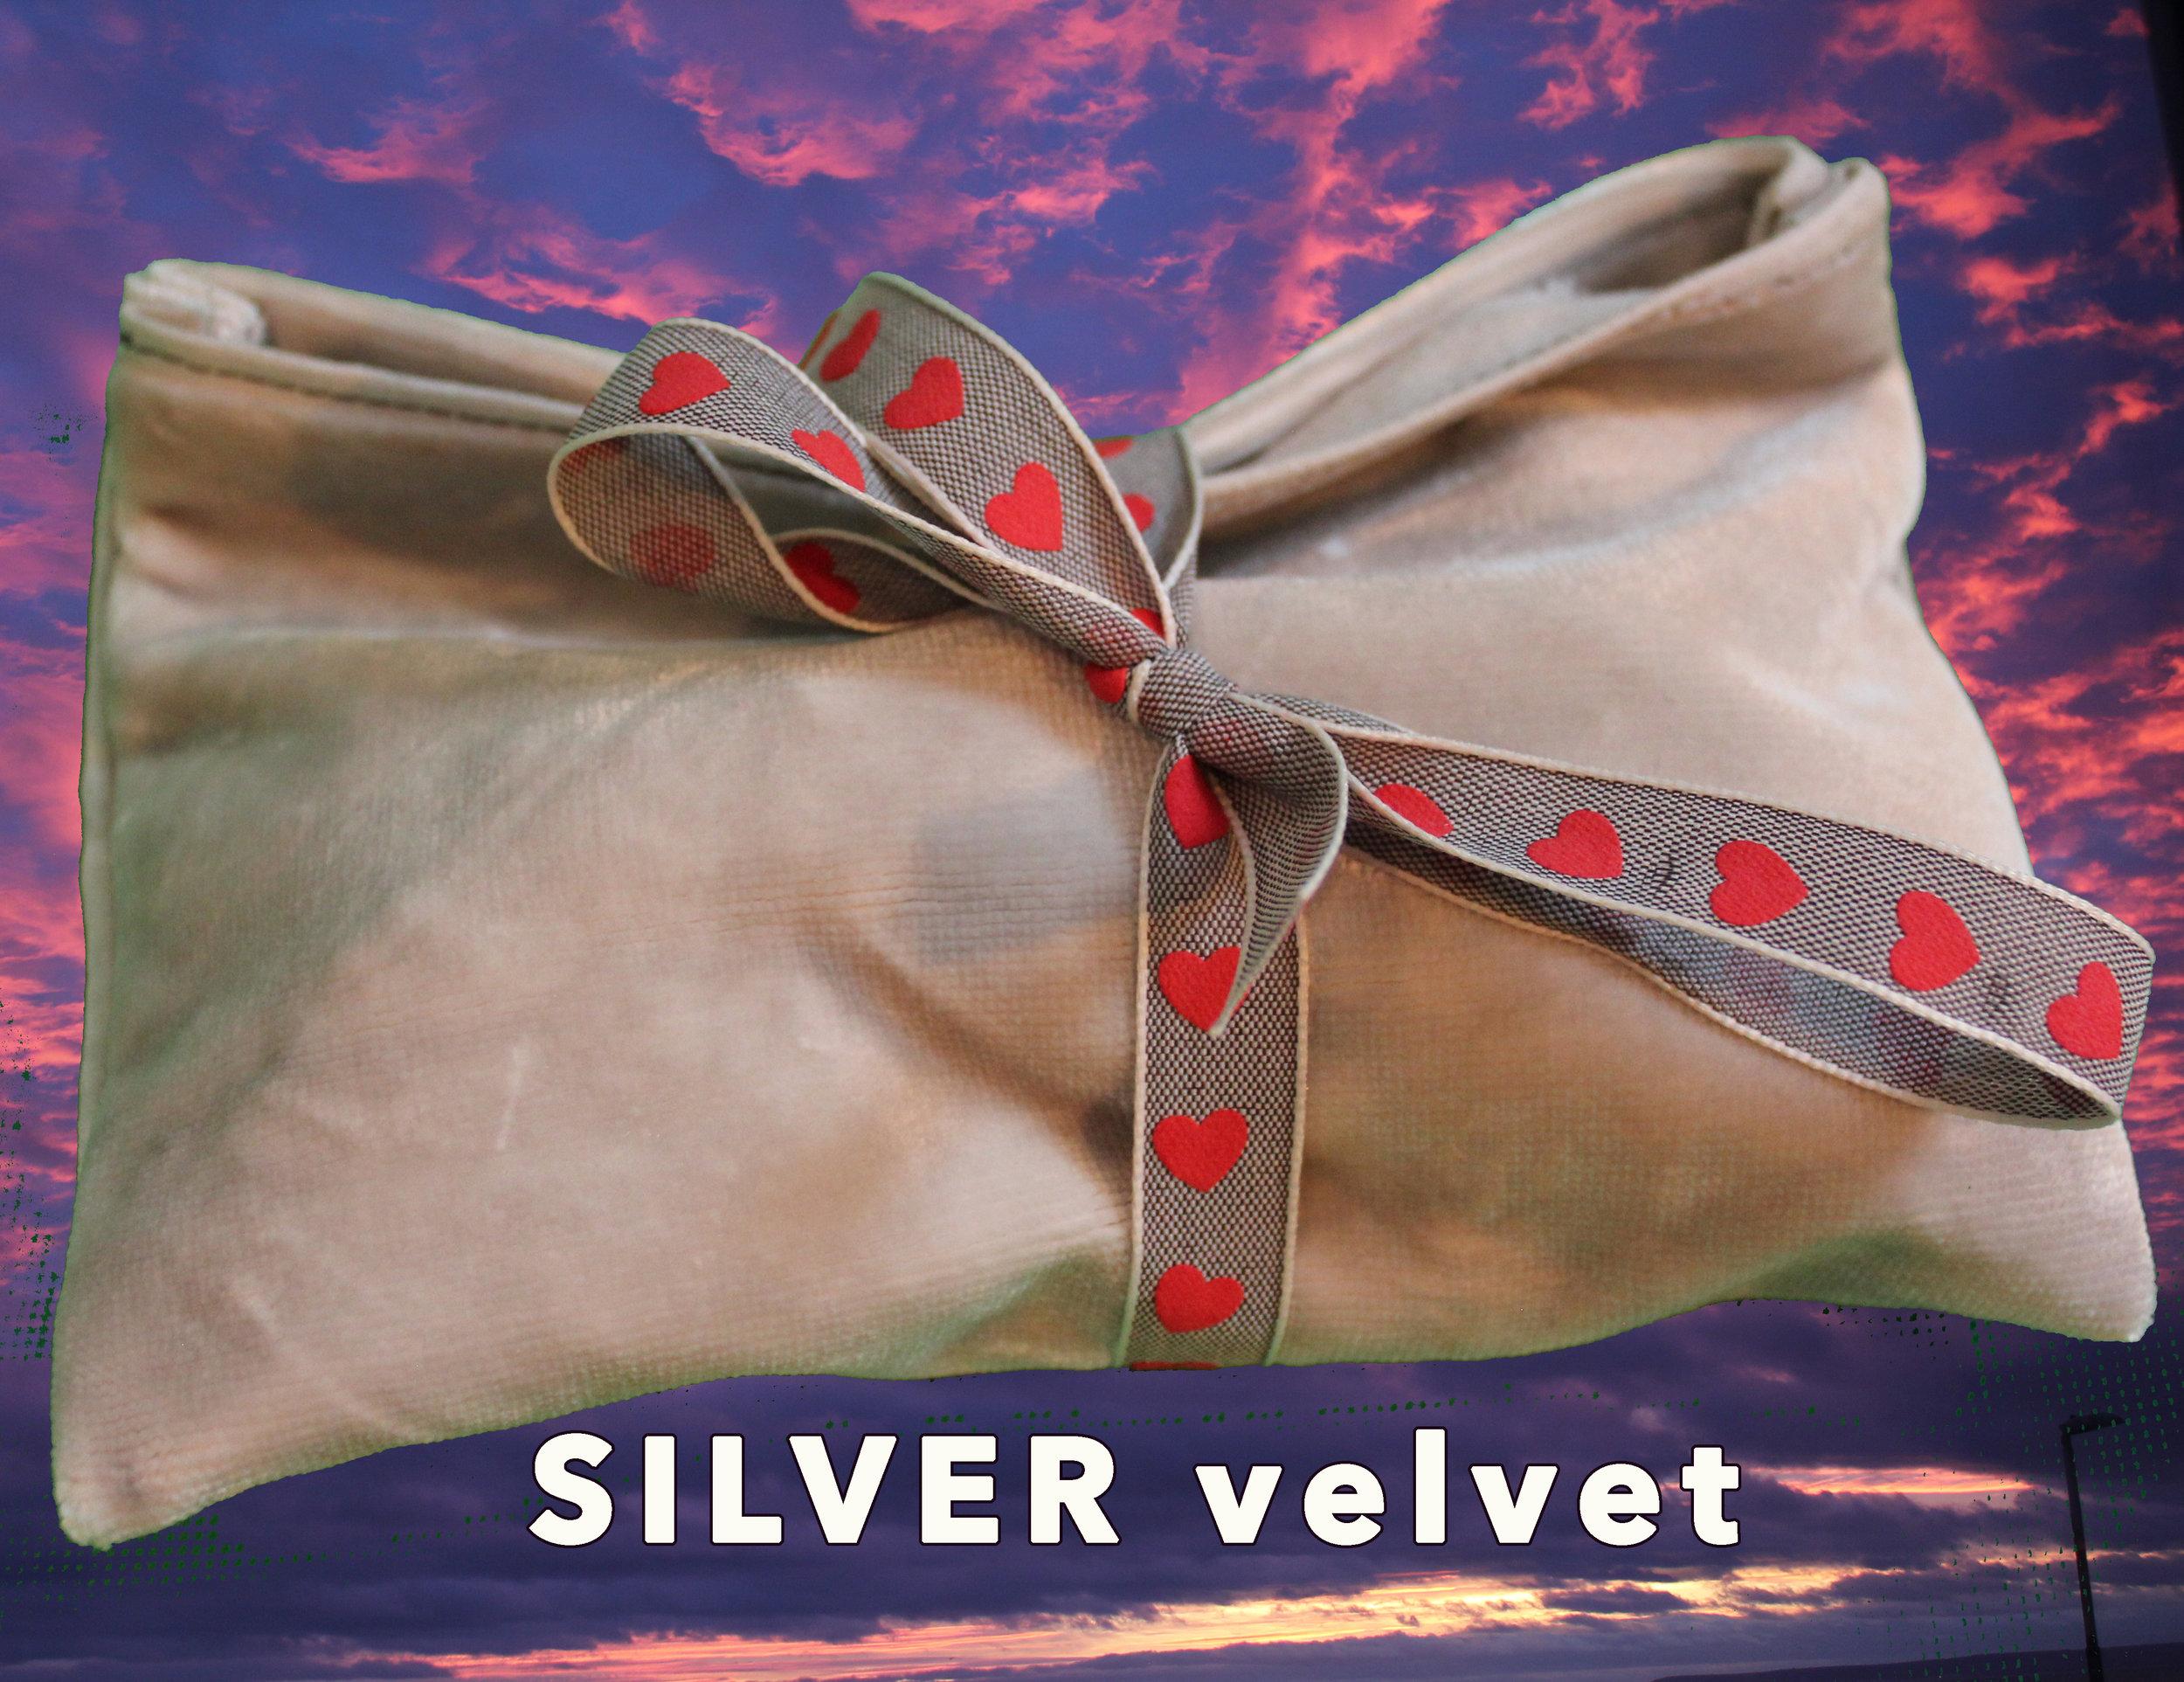 silvervelvet.jpg